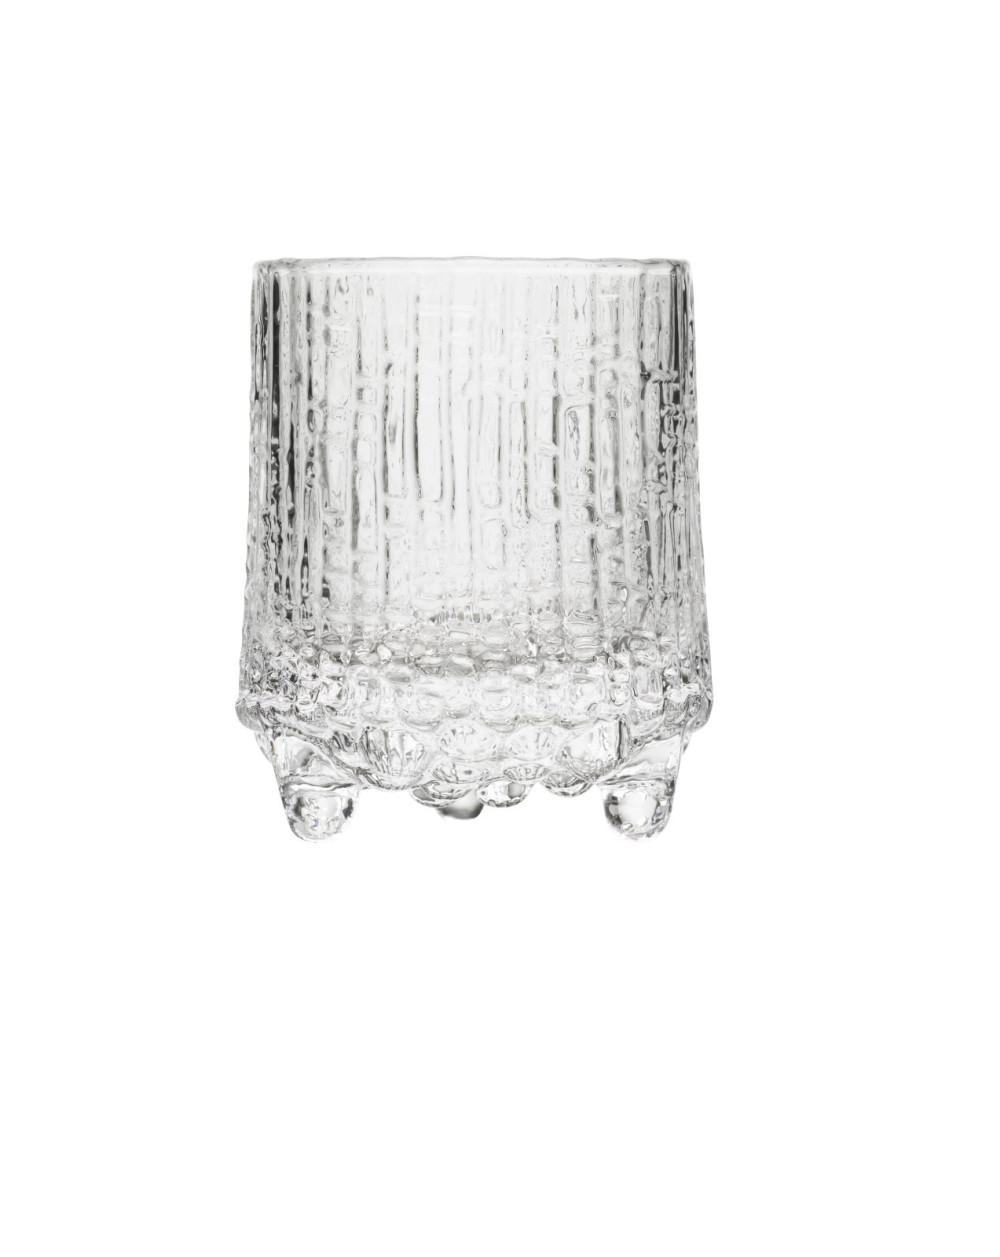 ULTIMA THULE GLASSES